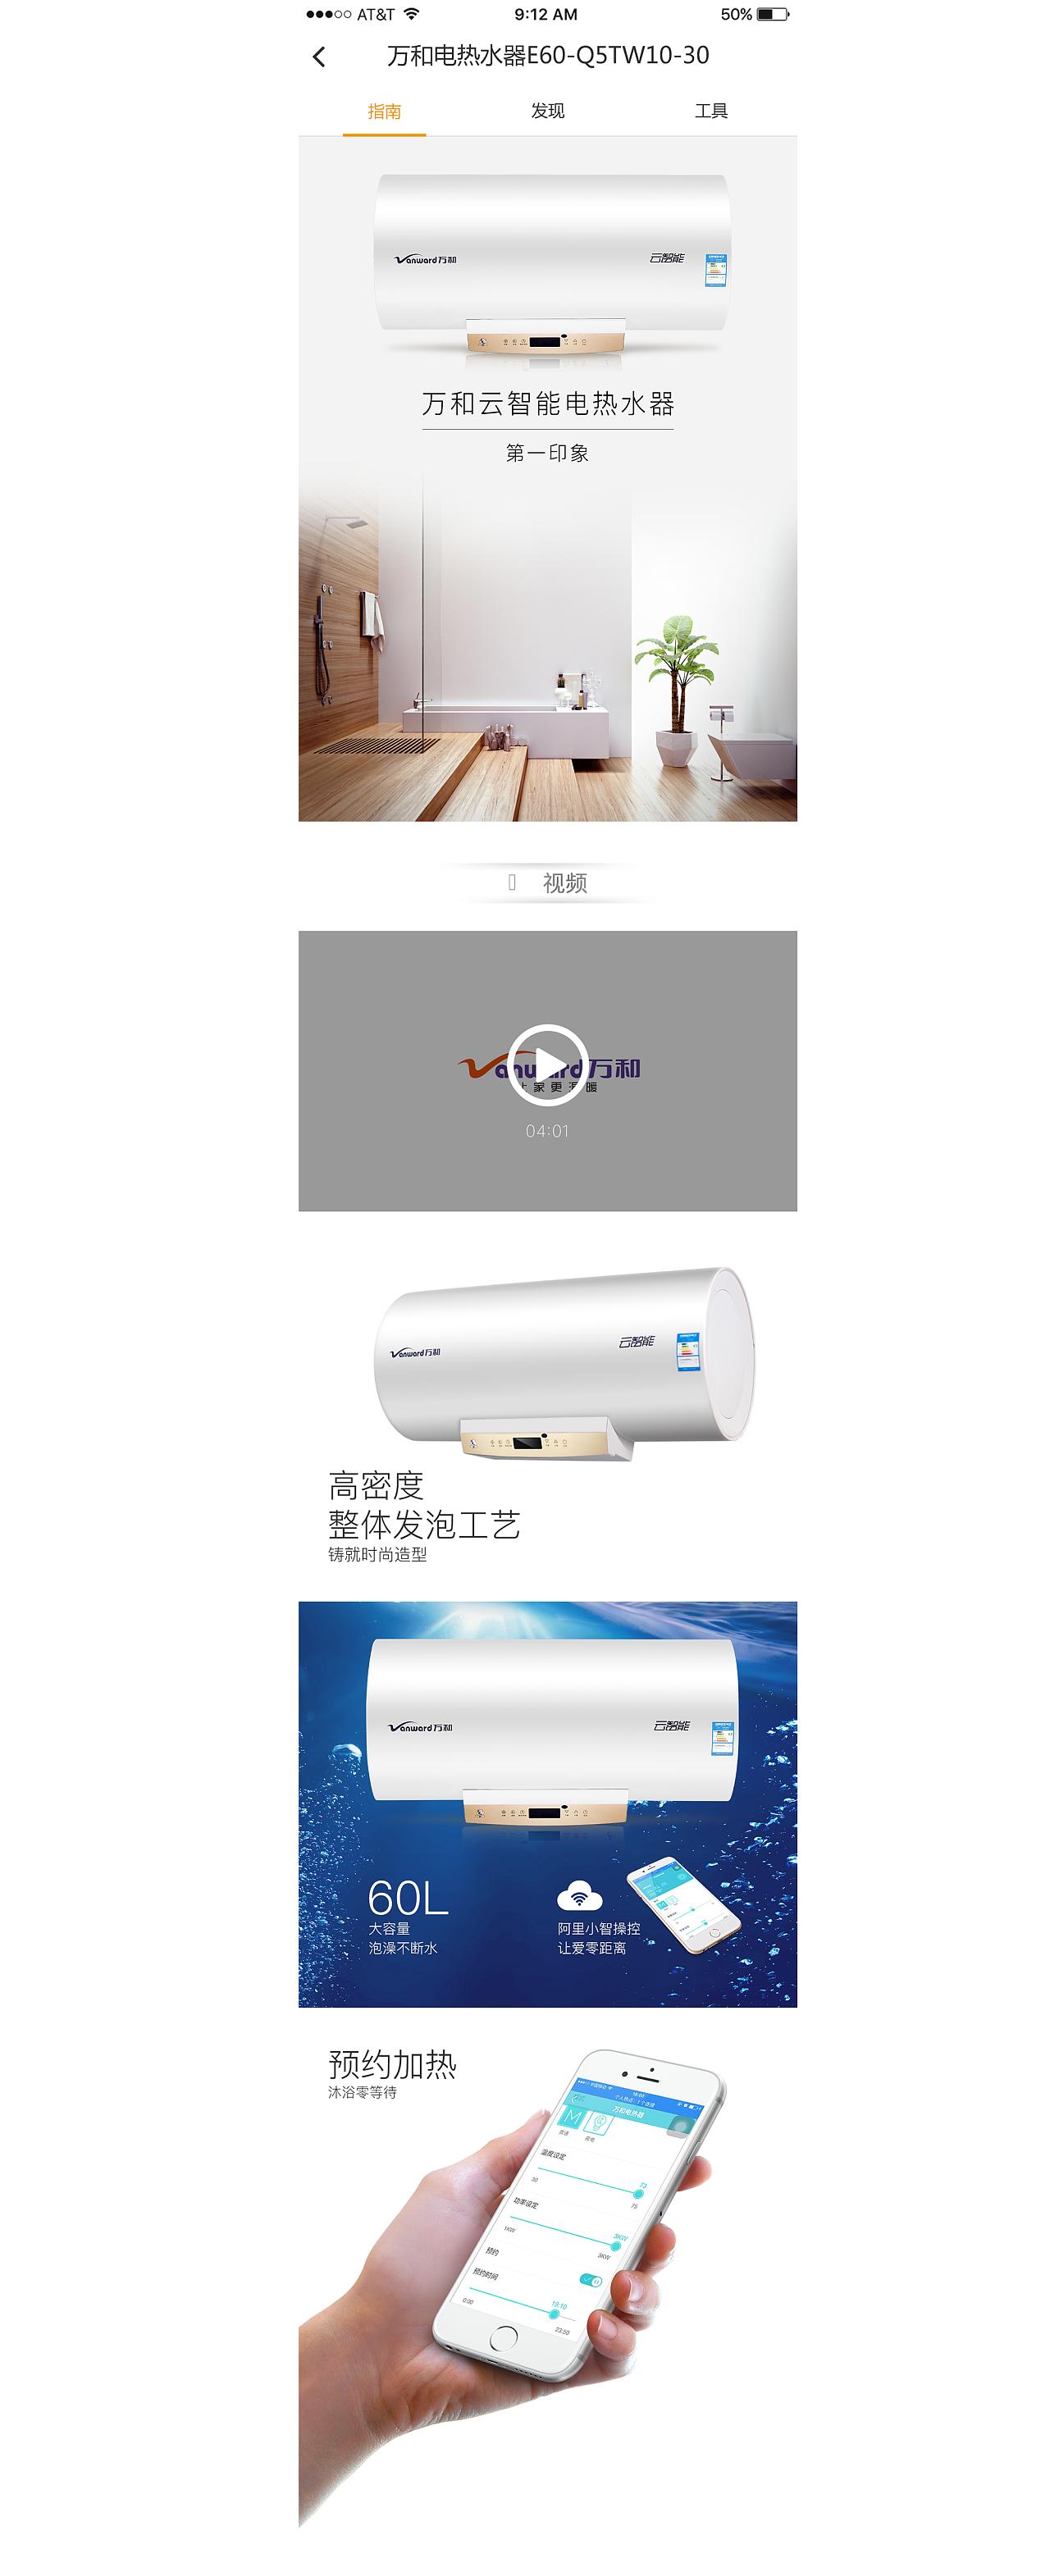 万和电热水器h5页面展示-第一印象篇图片